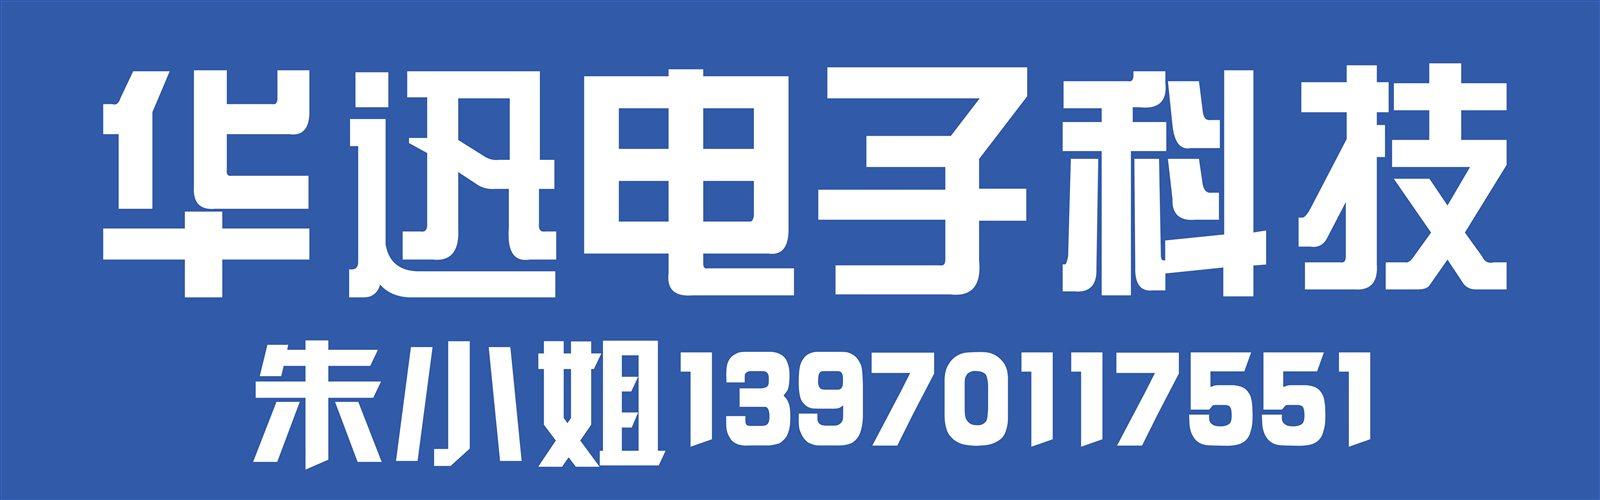 赣州华迅电子科技有限公司